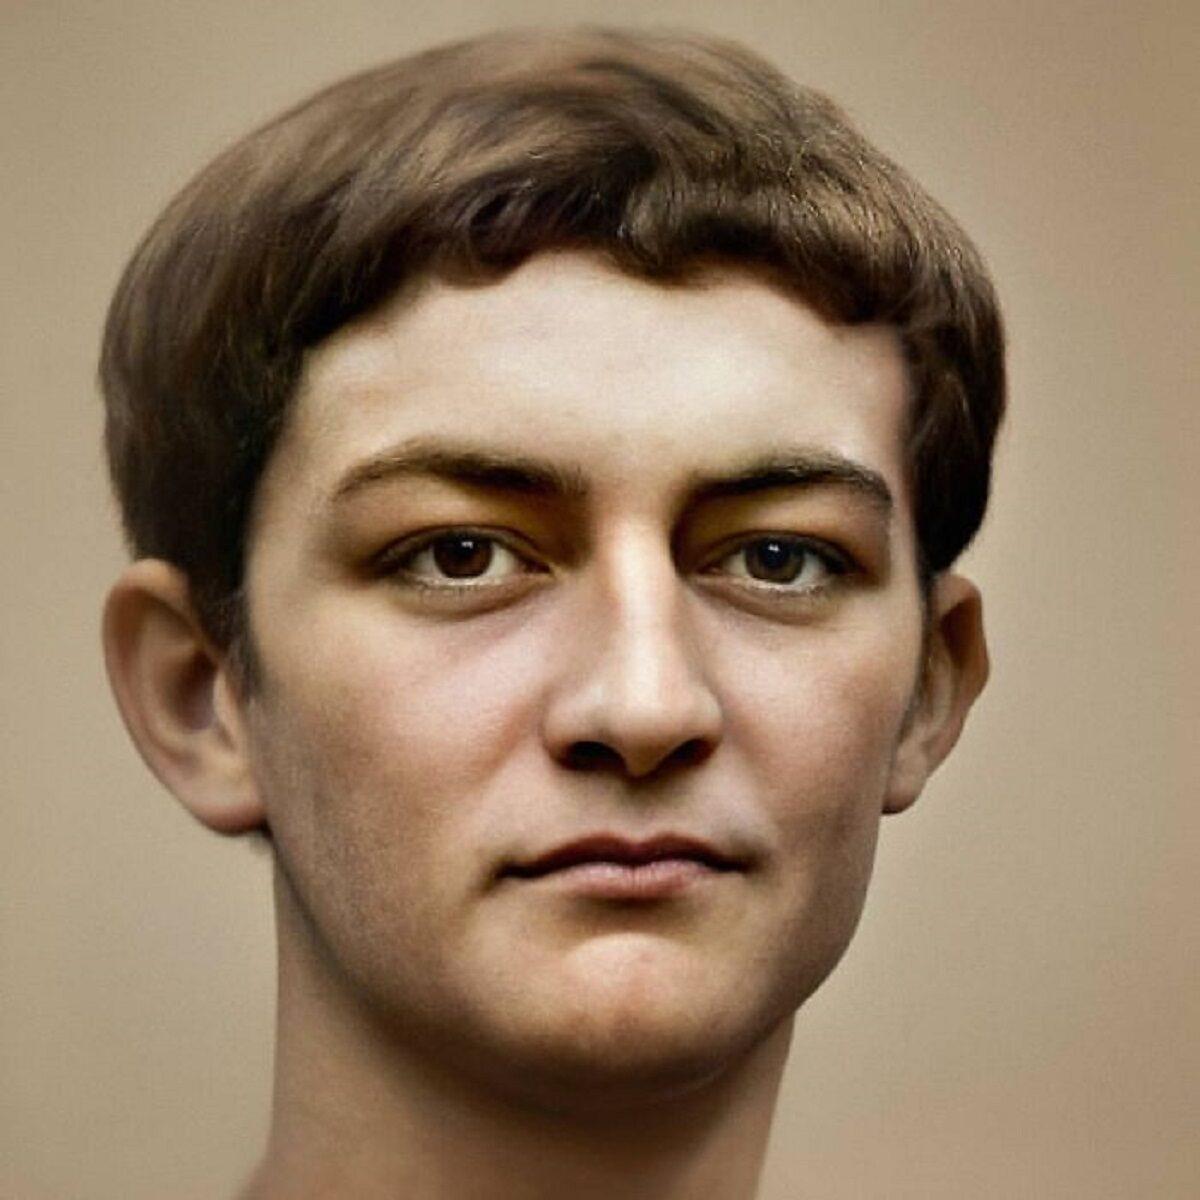 Bas Uterwijk artista mostra como eram essas figuras historicas na vida real 19